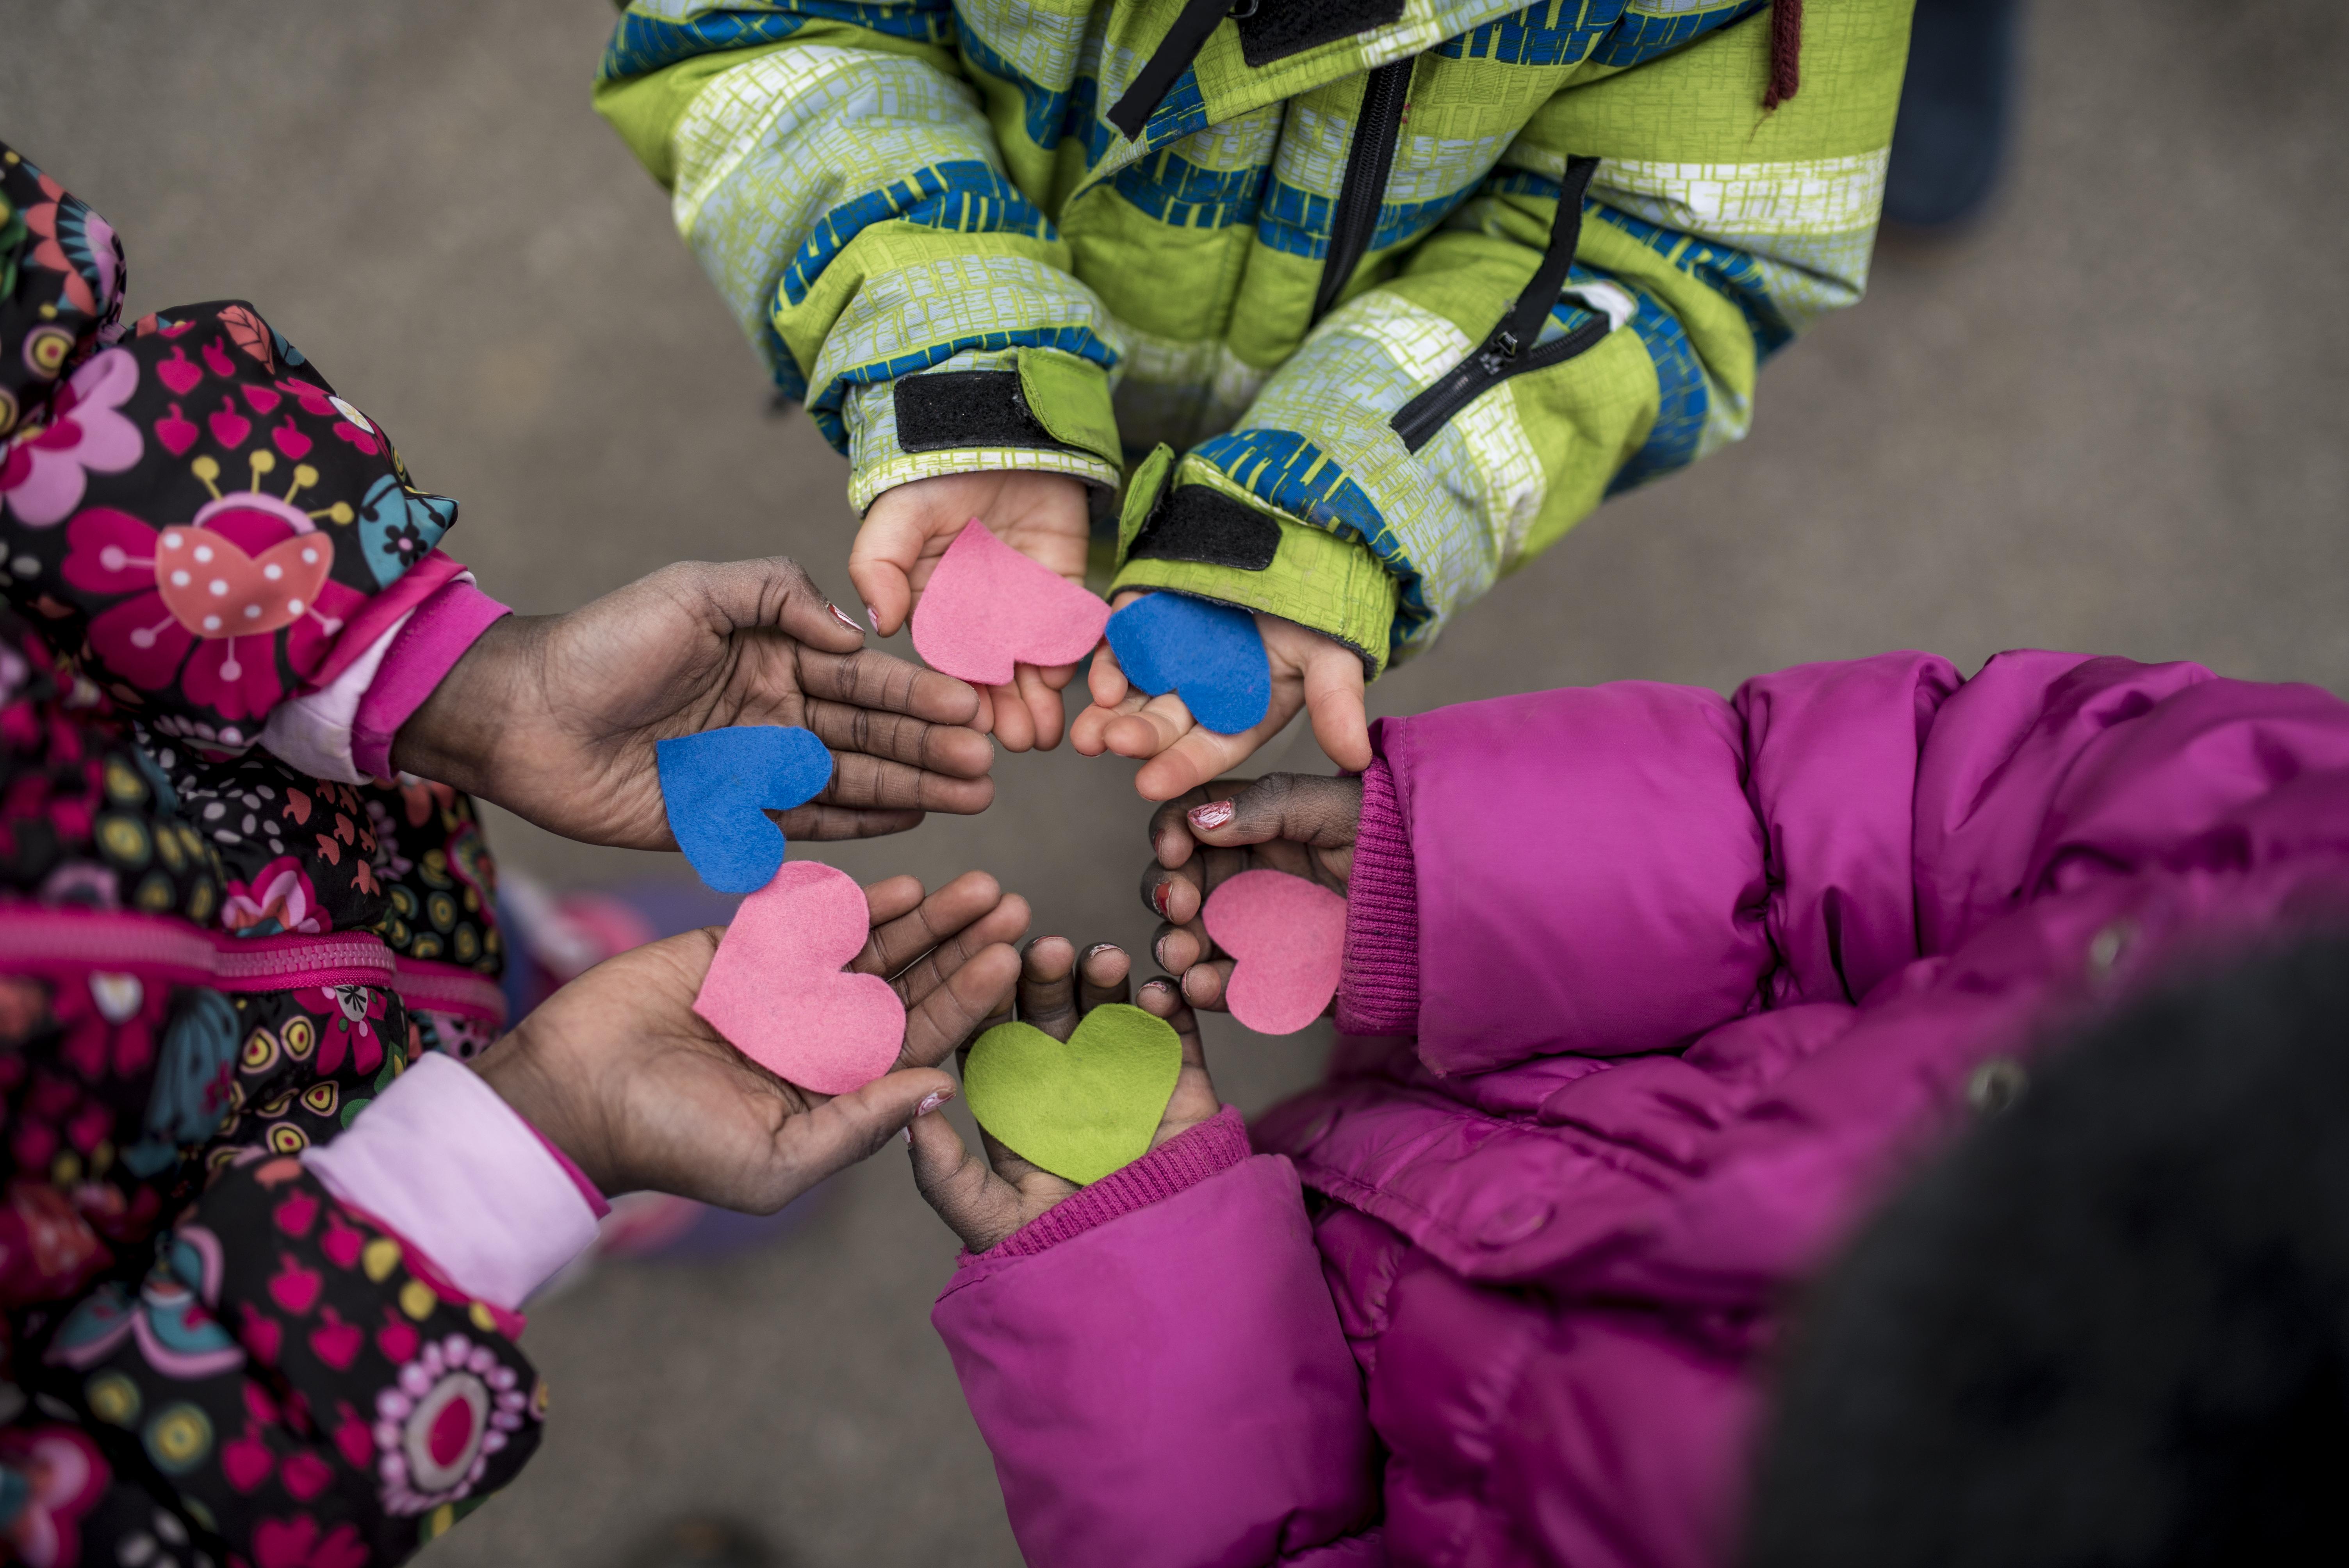 Niños con corazones de papel en las manos